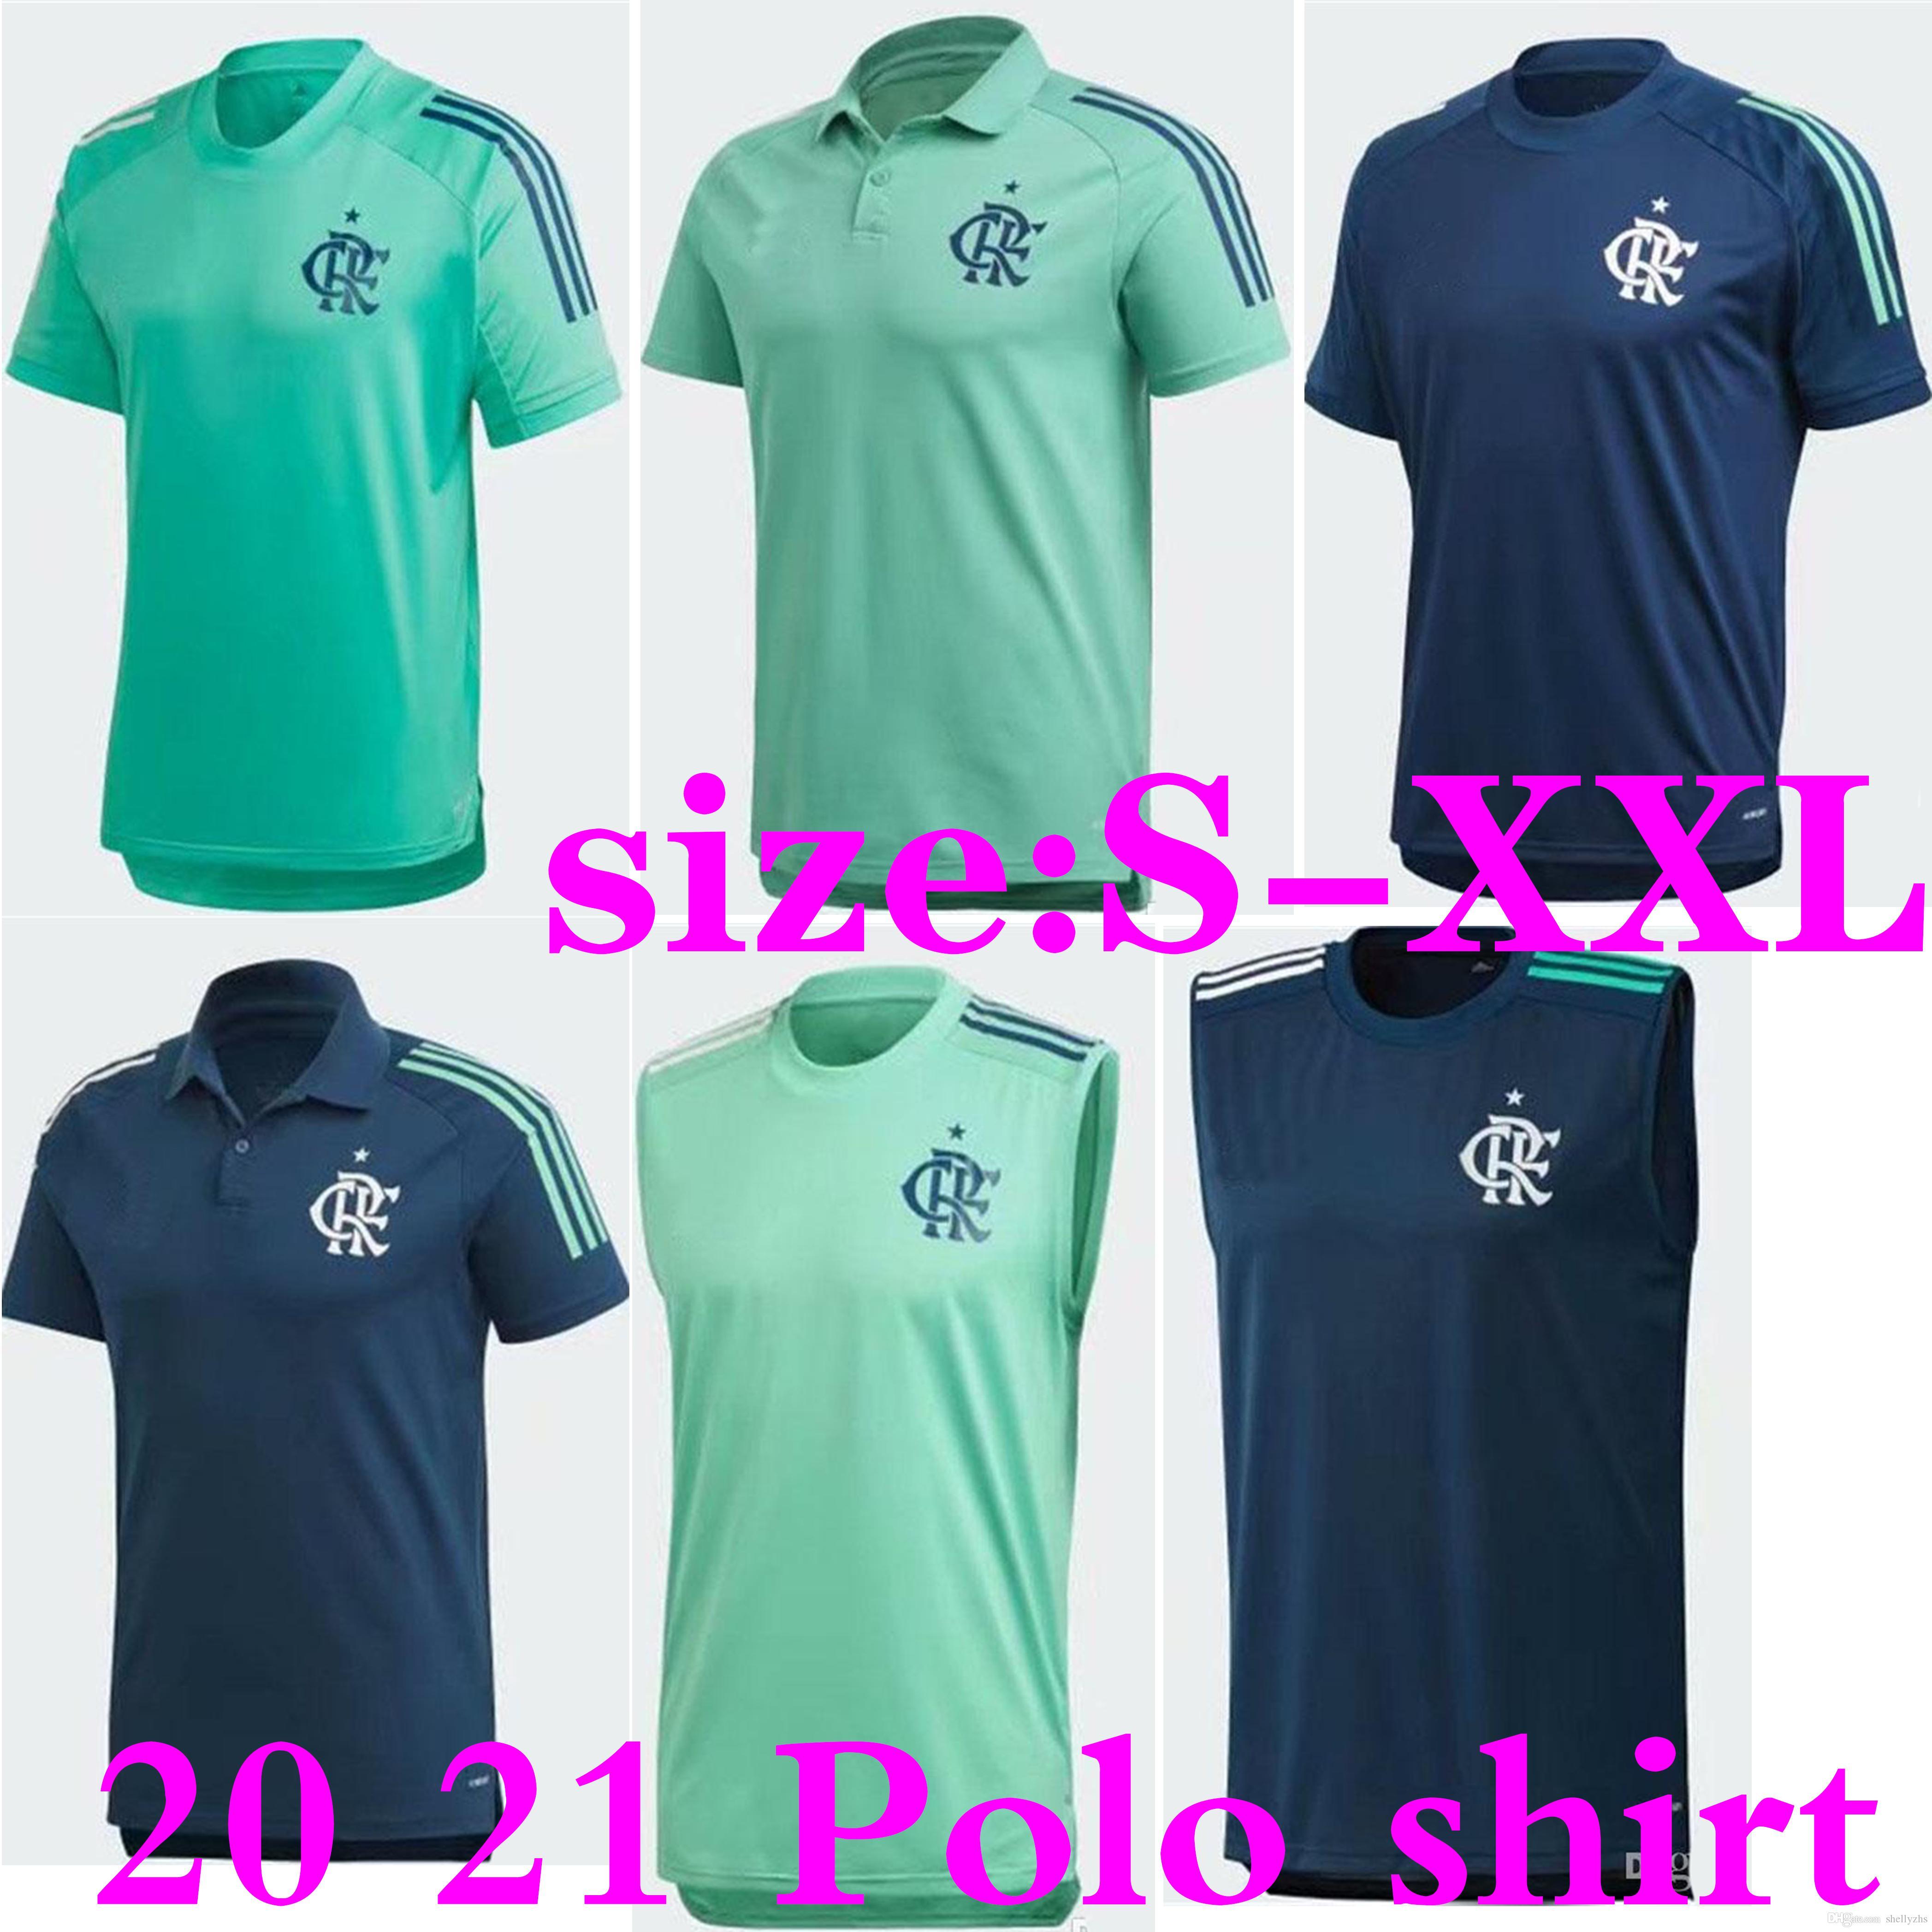 S-XXL 20 21 Flamengoj RJ Training Soccer Jersey 2020 Flamengo Polo Blue Football Camicie da calcio senza maniche Gilet da allenamento uniformi di calcio vendita